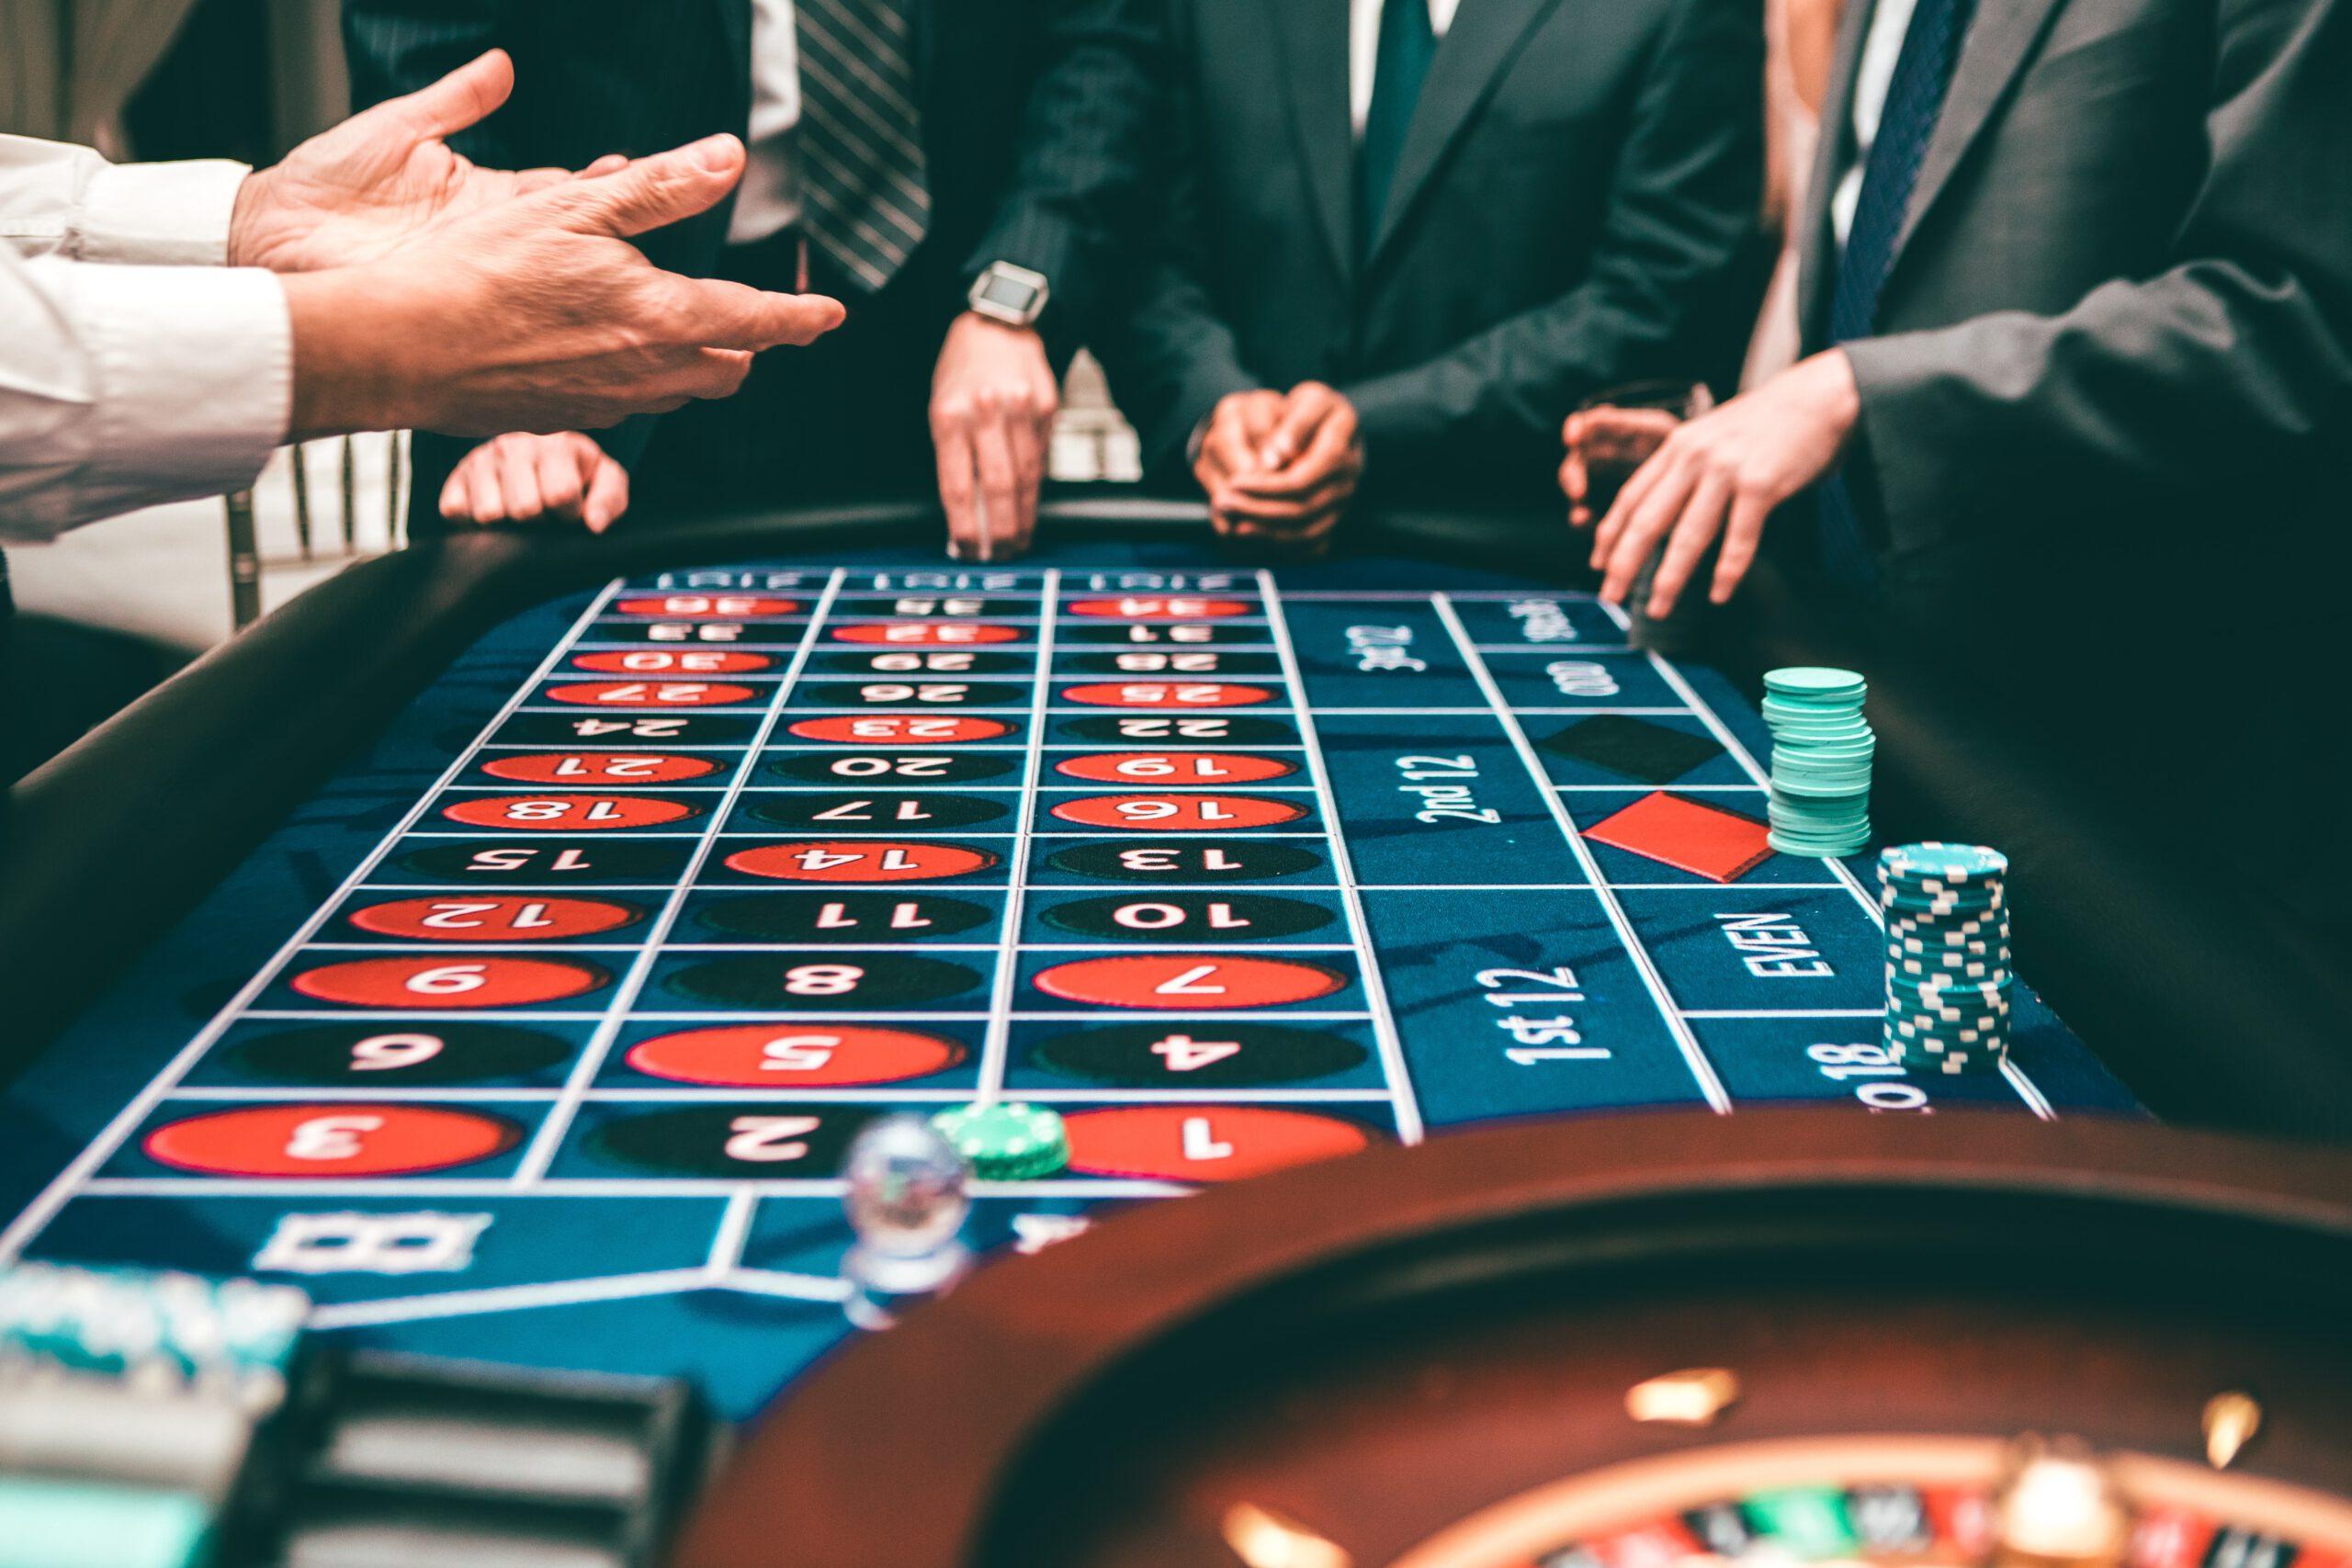 Promocja hazardu i gry hazardowe poza granicami Polski